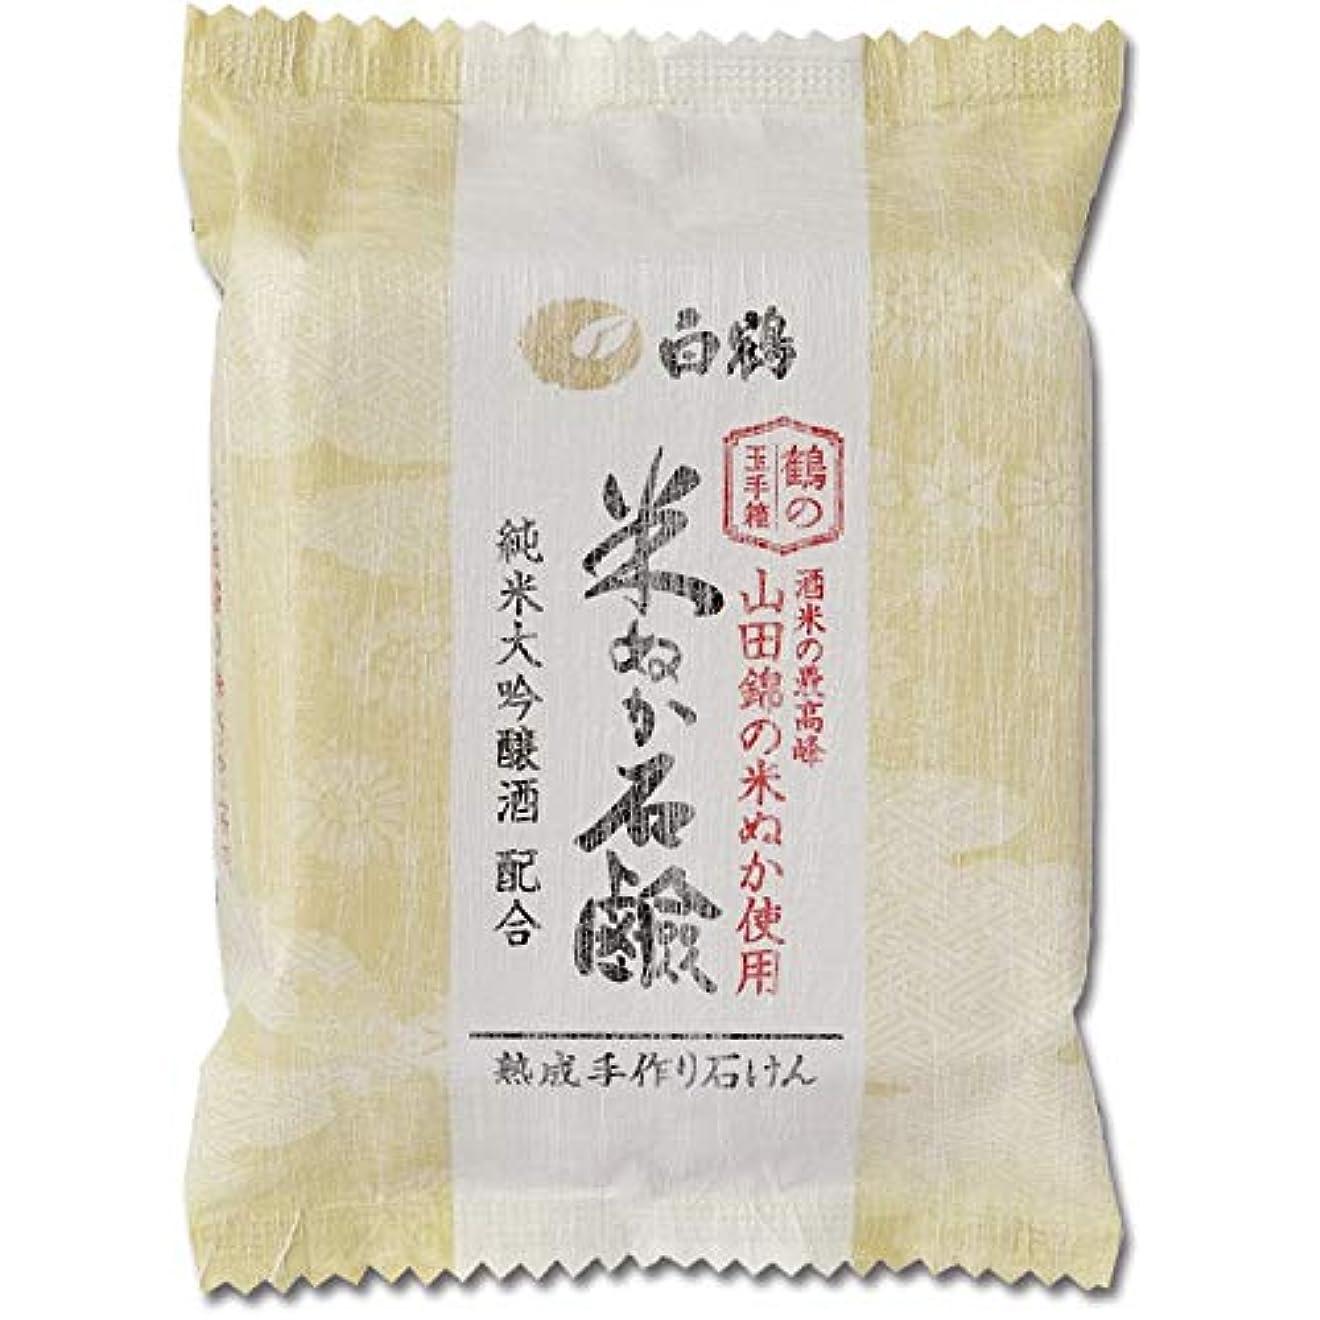 貞最大のシエスタ白鶴 鶴の玉手箱 米ぬか石けん 100g (全身用石鹸)